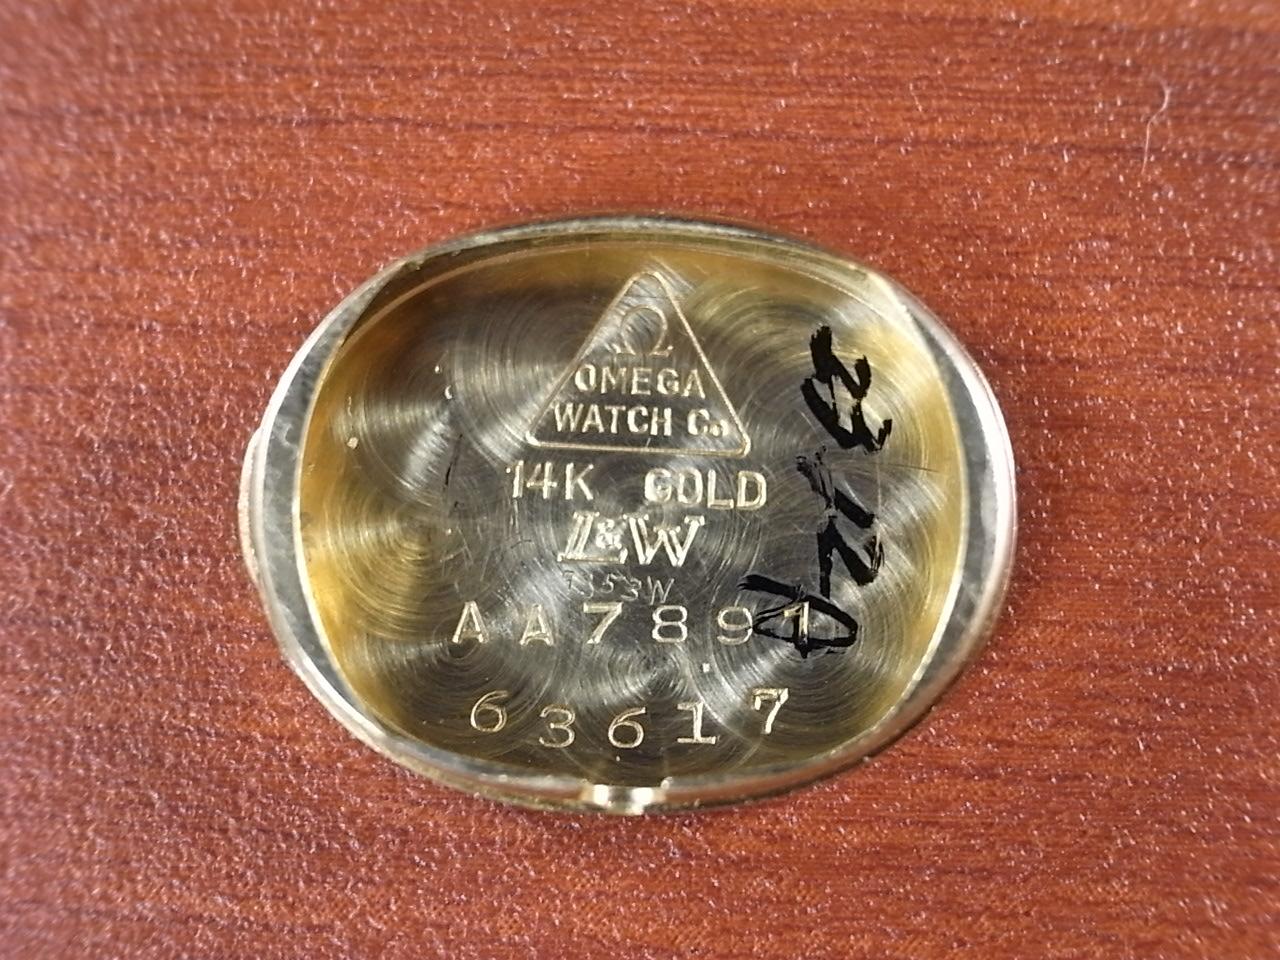 オメガ レディス 14KYG  ダイヤモンドベゼル の写真6枚目